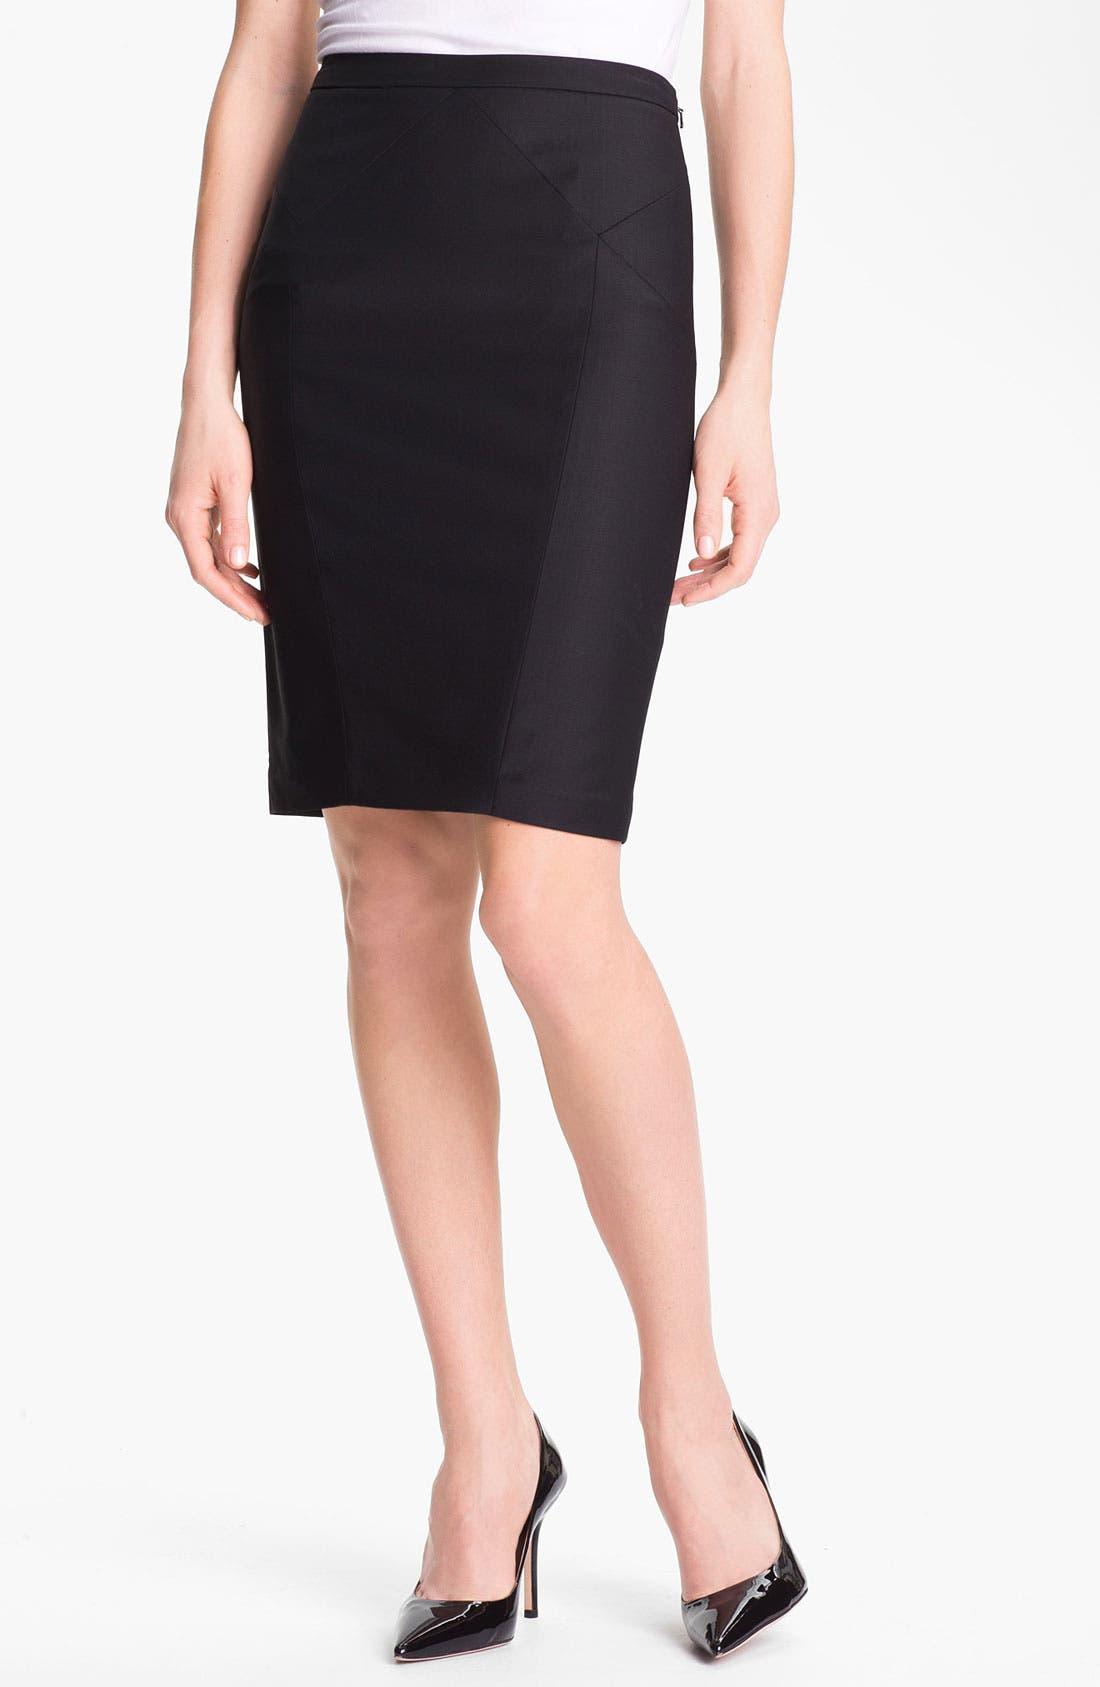 Alternate Image 1 Selected - Ted Baker London 'Lavanta' Pencil Skirt (Online Only)